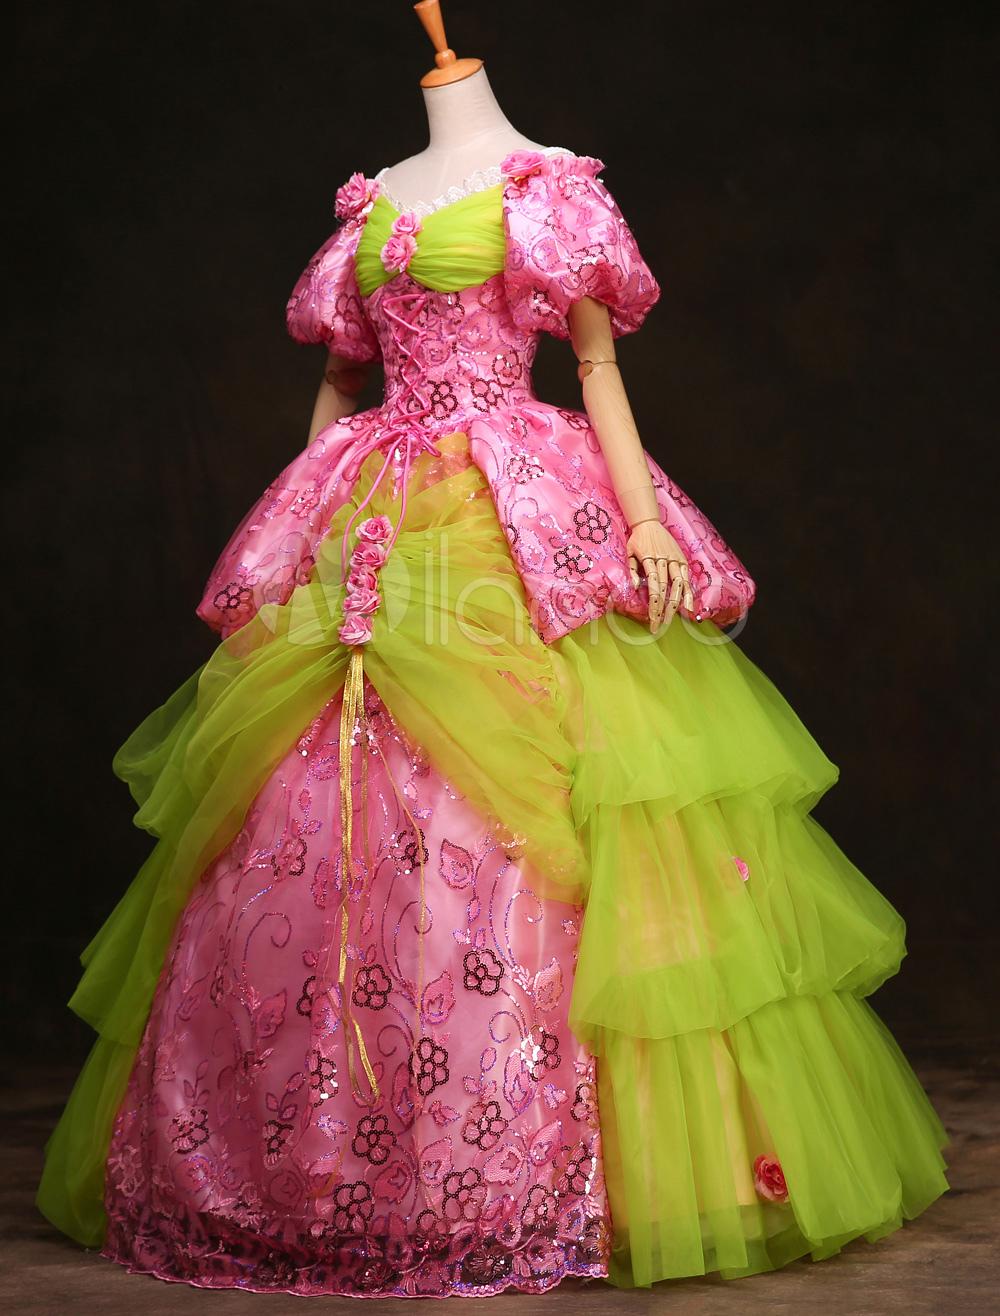 Rosa Prinzessin Kleid Damen Großhandel Rosa Prinzessin Kleid Damen ...